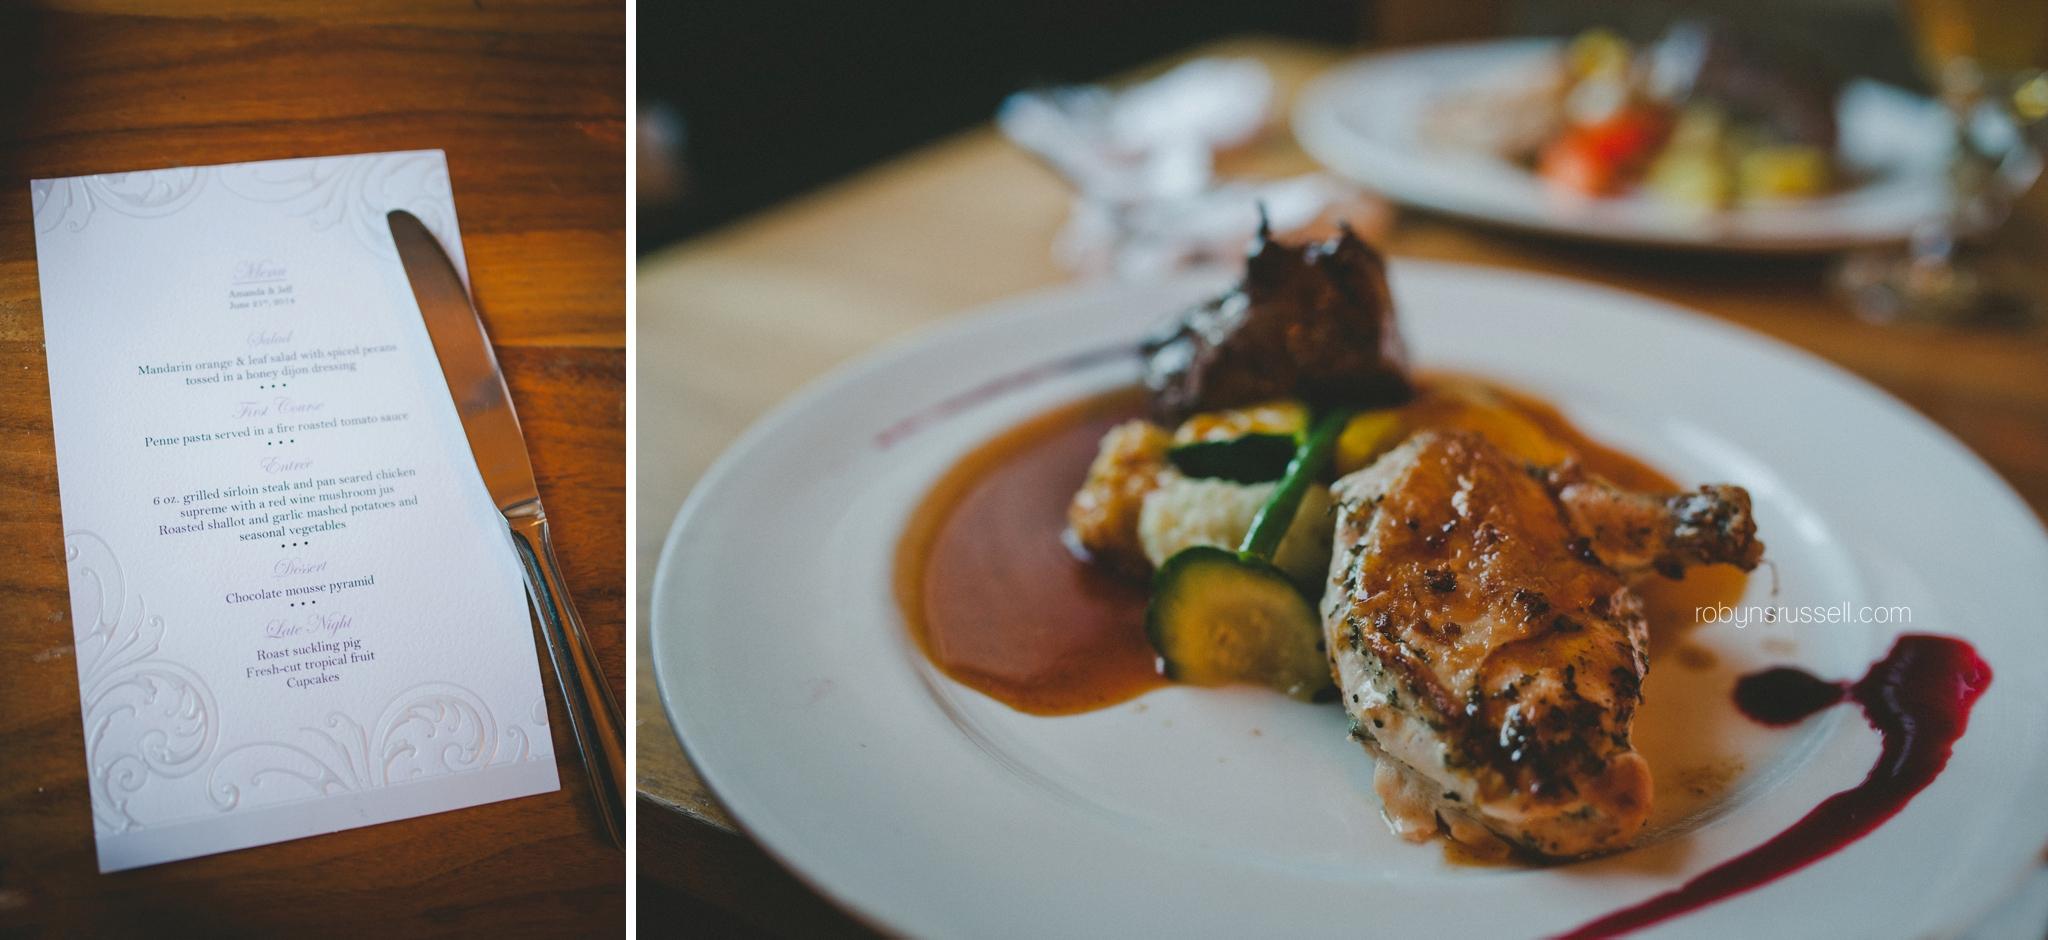 51-wedding-dinner-menu-at-pipers-heath.jpg